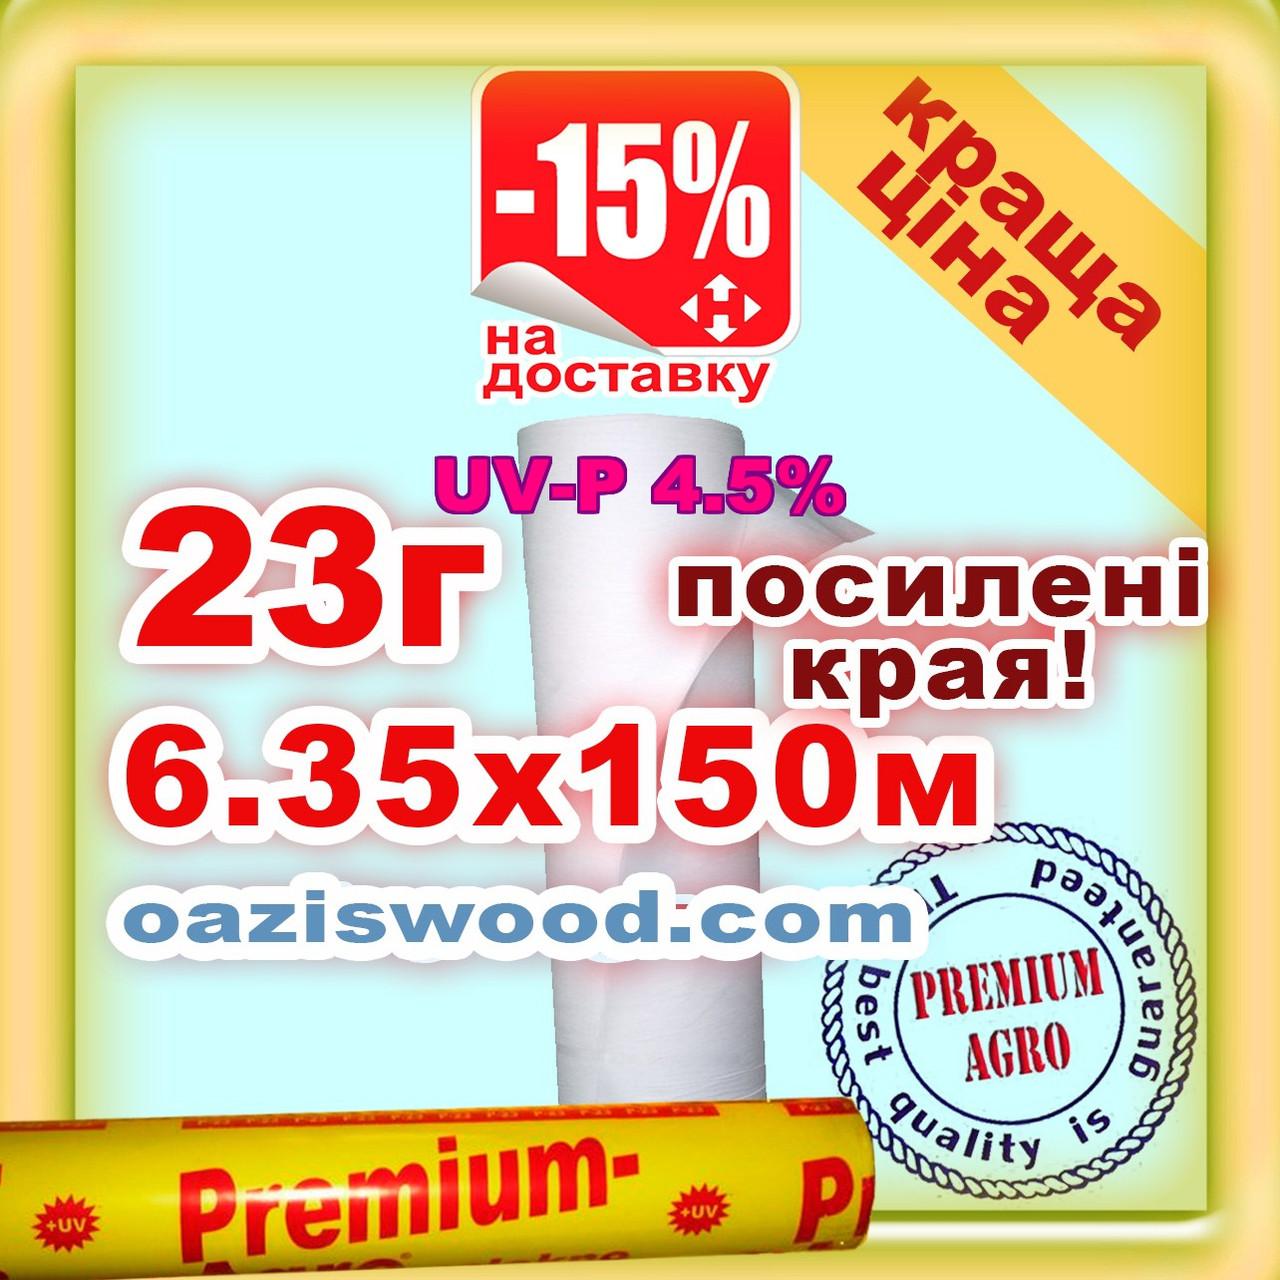 Агроволокно р-23g 6.35*150м белое UV-P 4.5% Premium-Agro Польша усиленные края